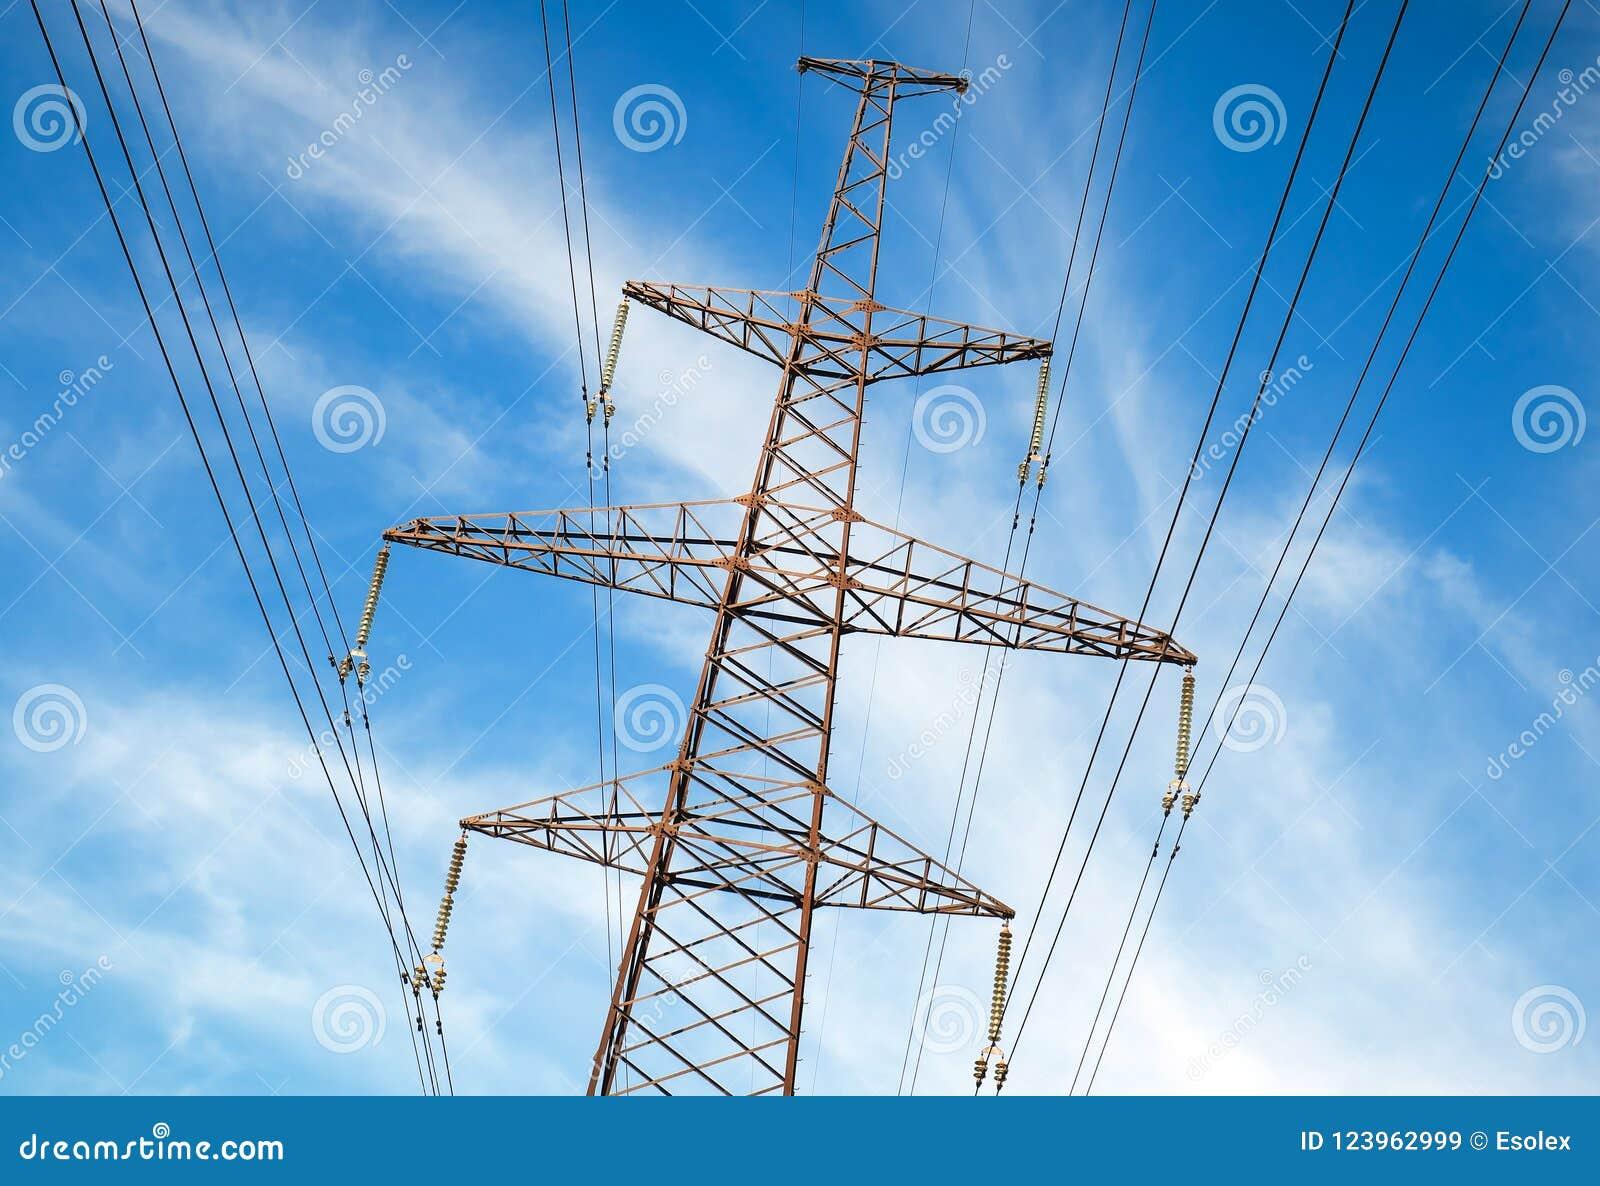 De pylonen van een hoogspanningsmacht tegen bewolkte hemel